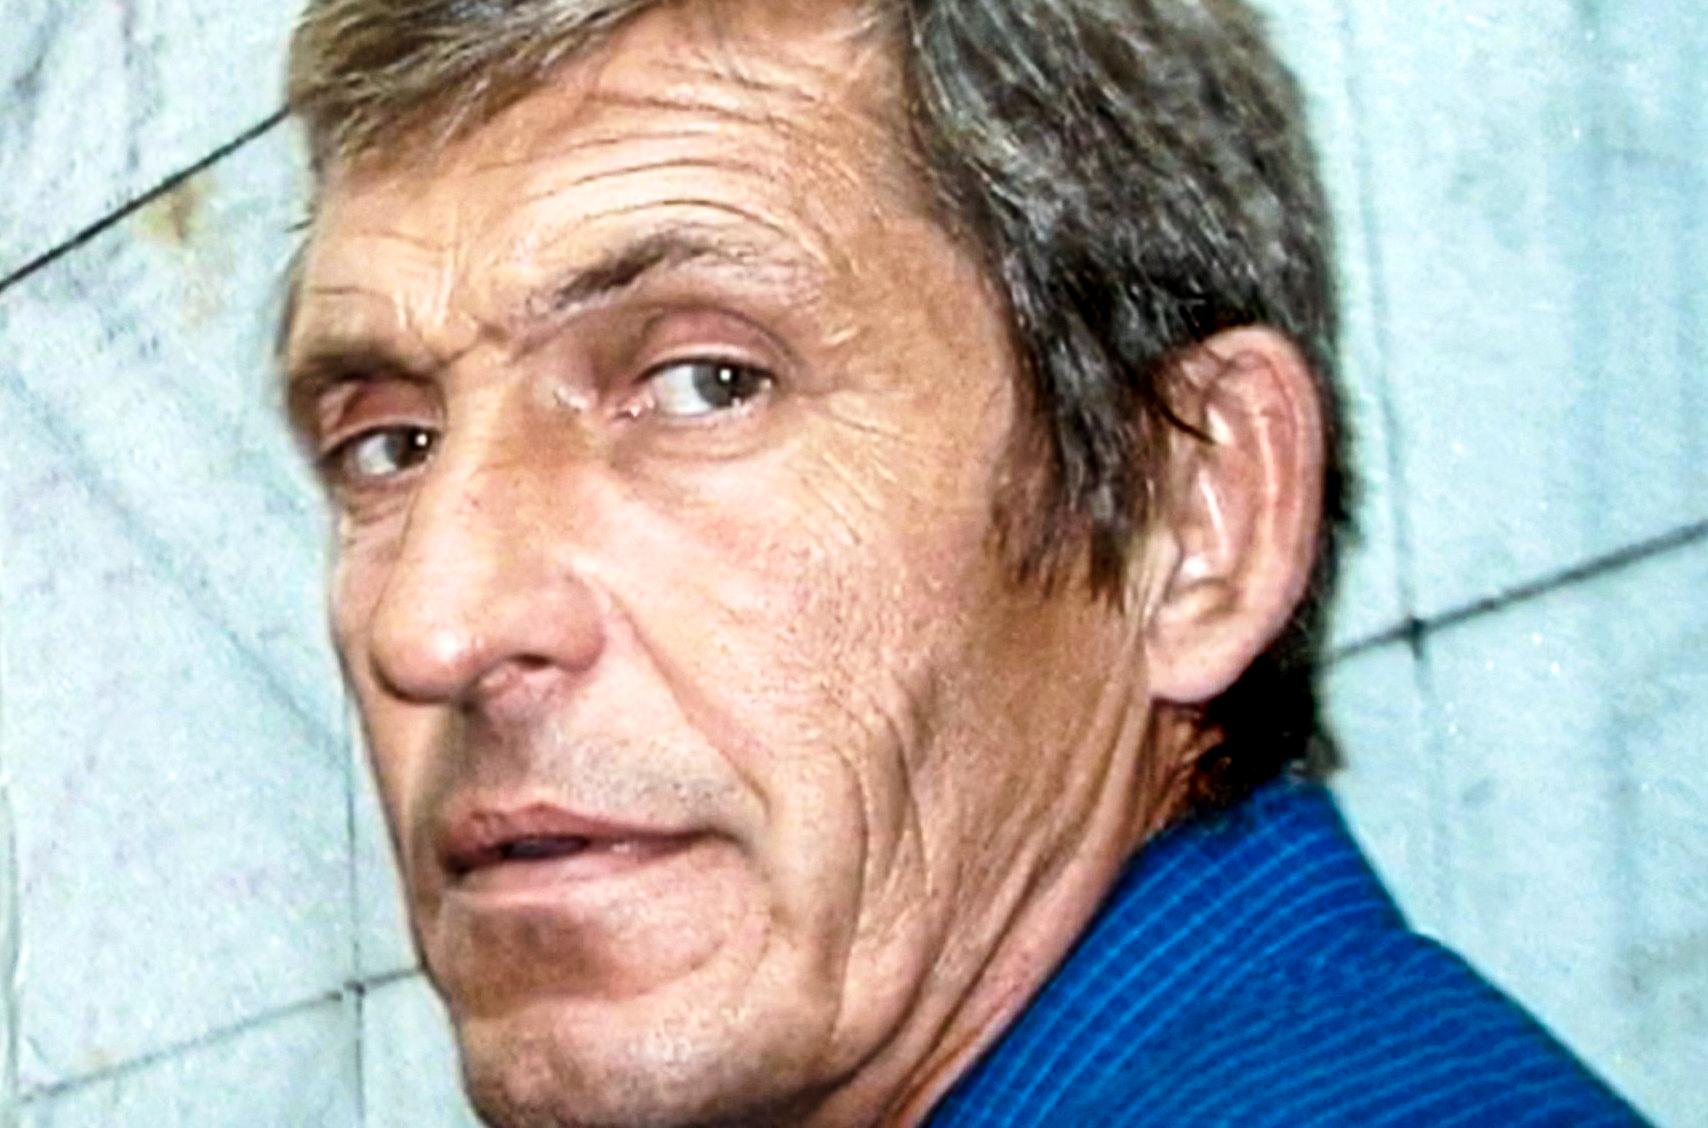 Смертельно раненый подДонецком оператор Первого канала Анатолий Клян сказал только, чтовнего «попали», ипродолжил снимать… Это была его 375‑якомандировка